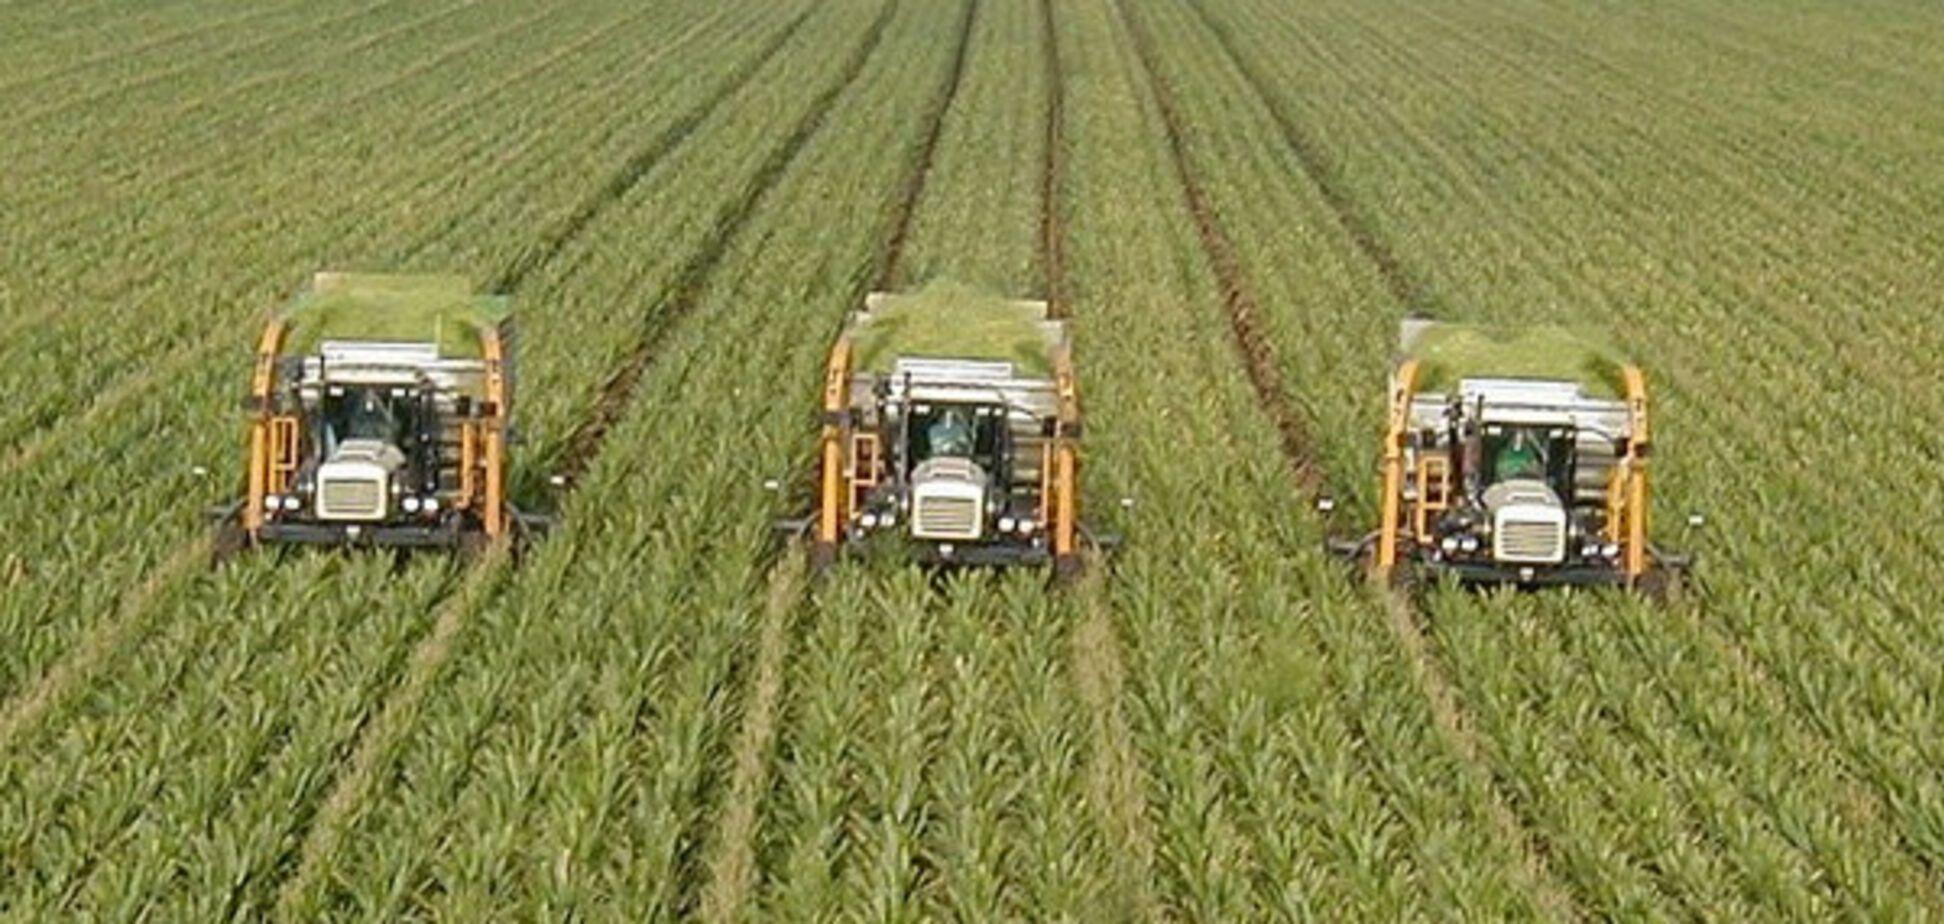 Агрохолдинг 'Мрия' вернул контроль над автотранспортным предприятием